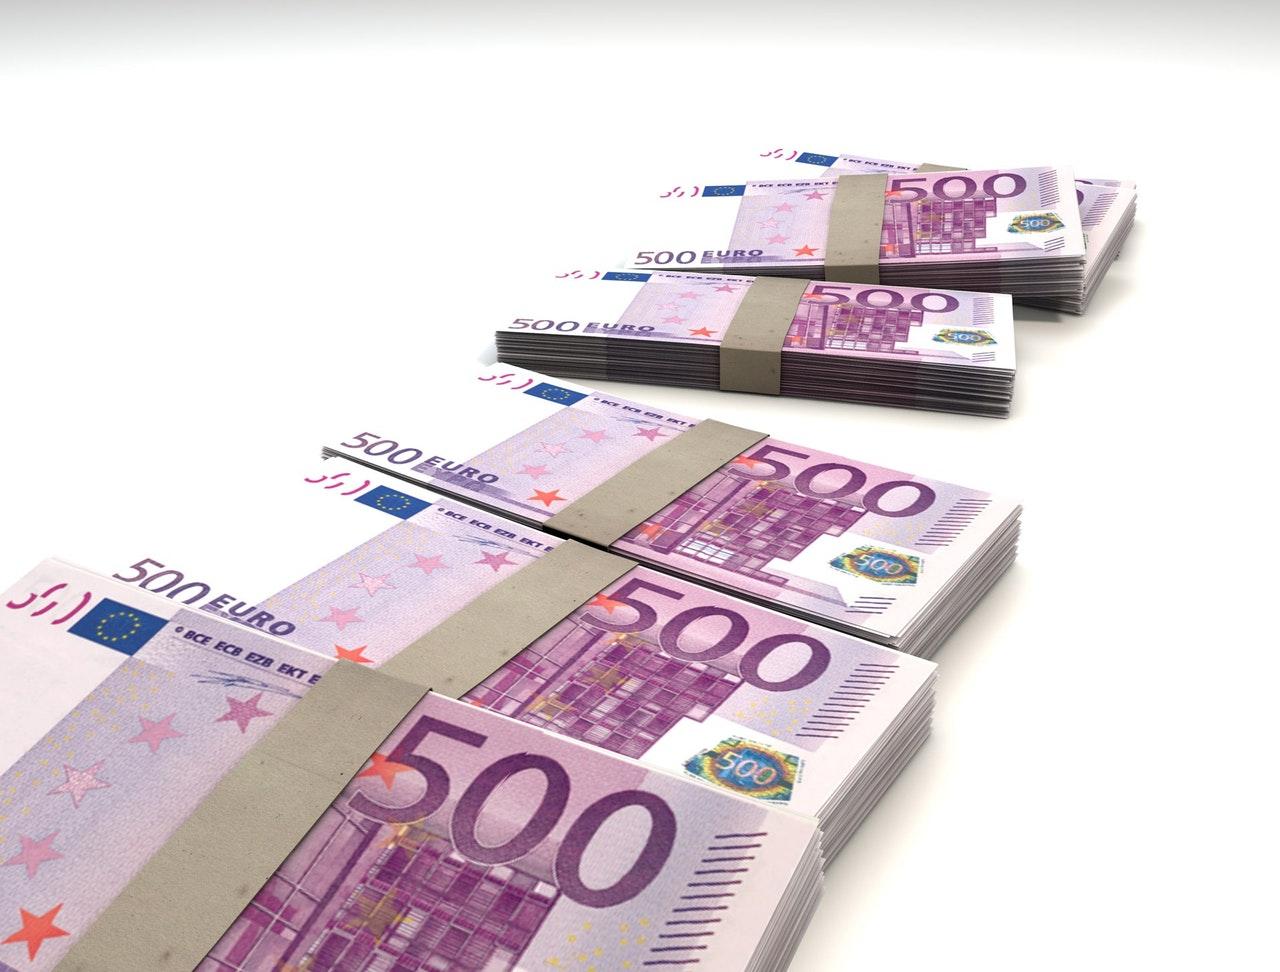 W przedsionku federacji – kilka refleksji o ambicjach fiskalnych Komisji Europejskiej